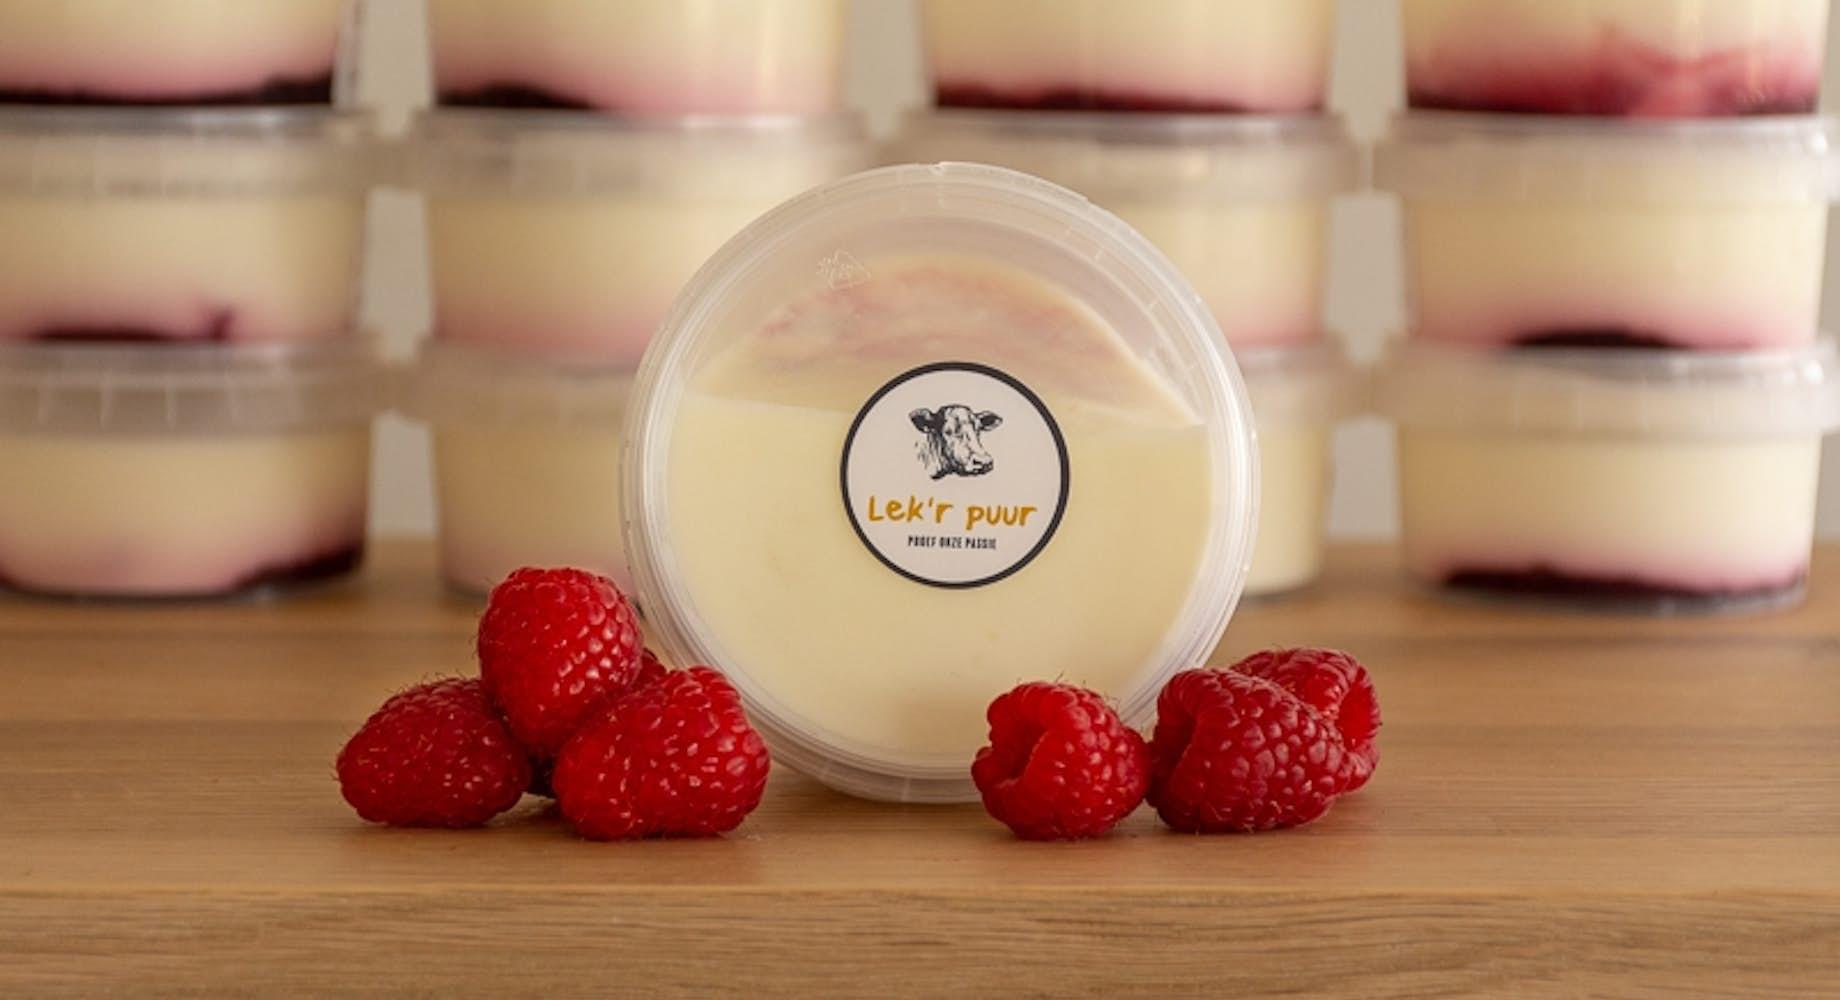 Volle yoghurt met frambozen